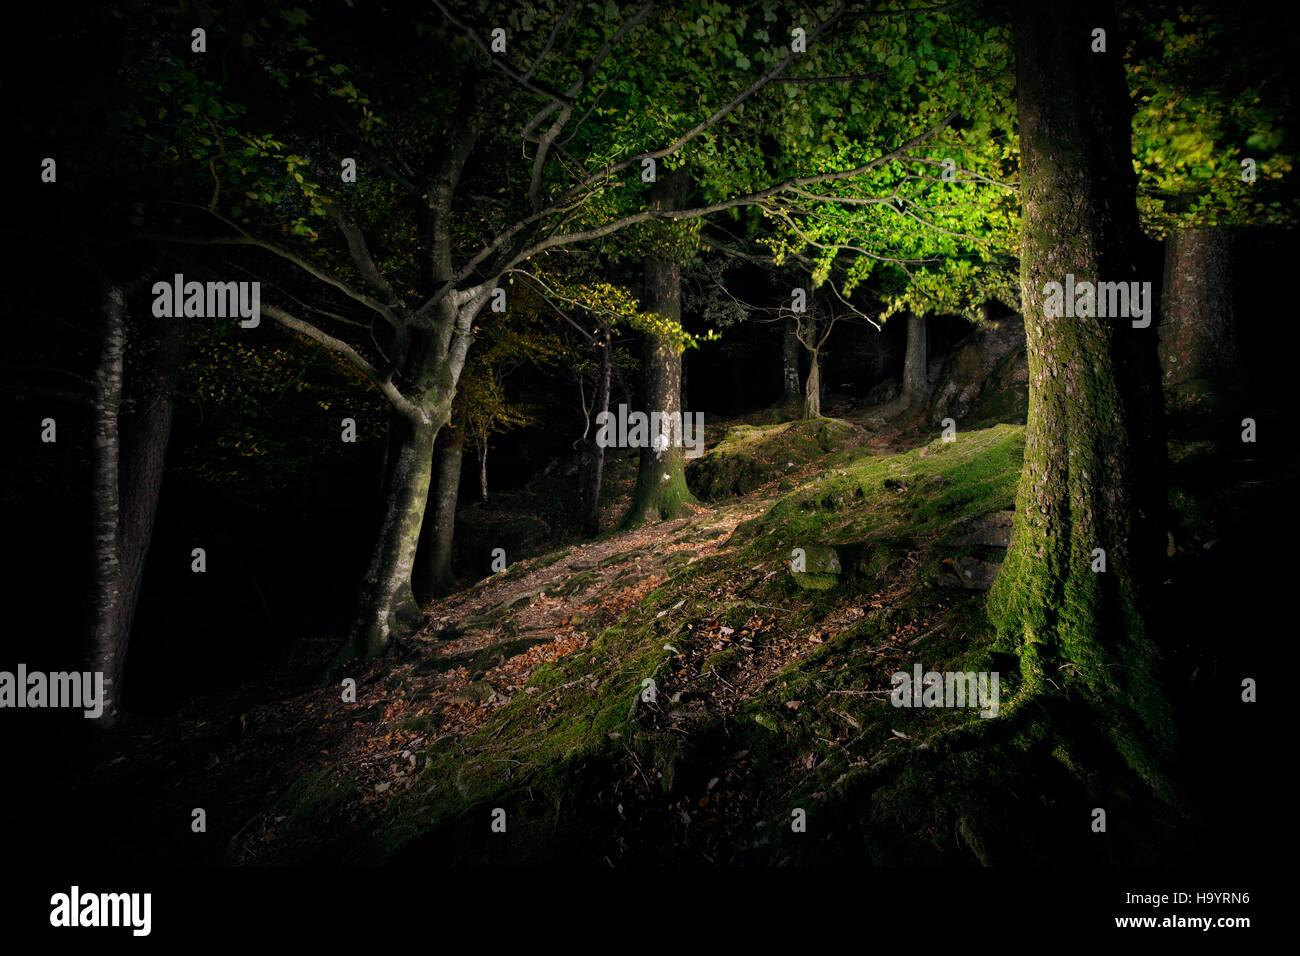 A dark wood at night. - Stock Image